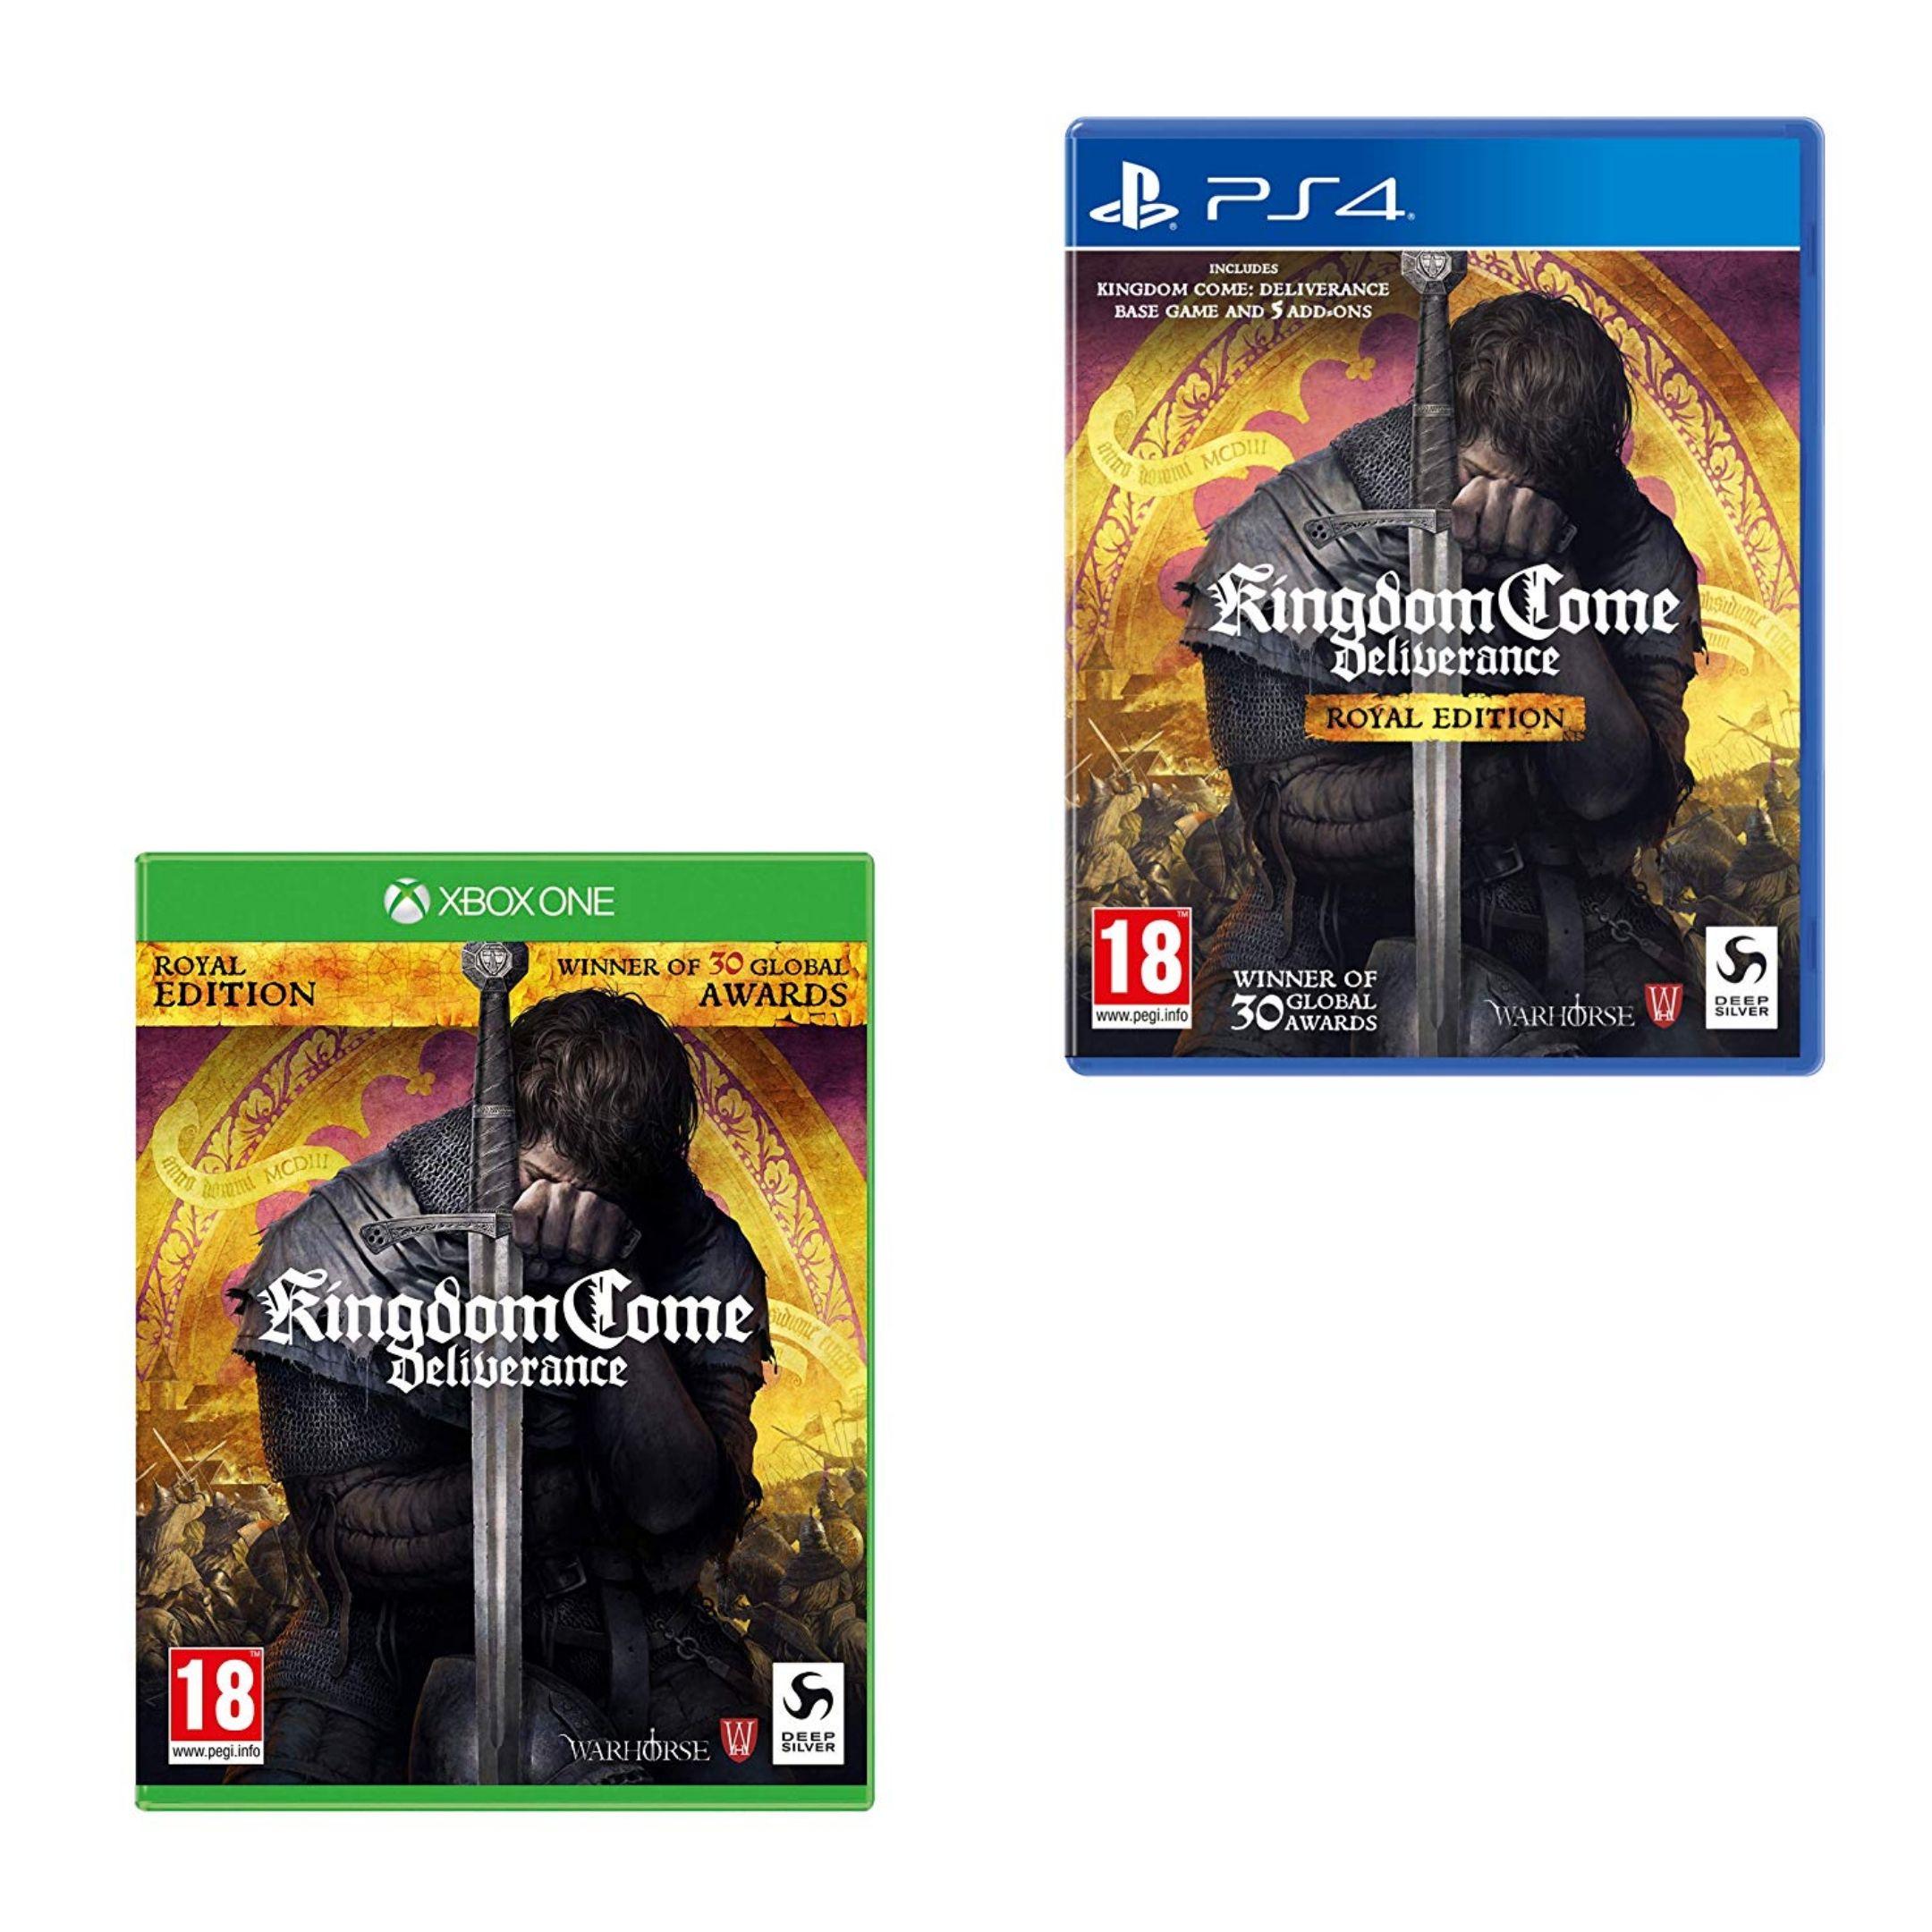 [Xbox One/PS4] Kingdom Come: Deliverance - Royal Edition £18.99 @ Amazon Prime / £21.98 Non Prime